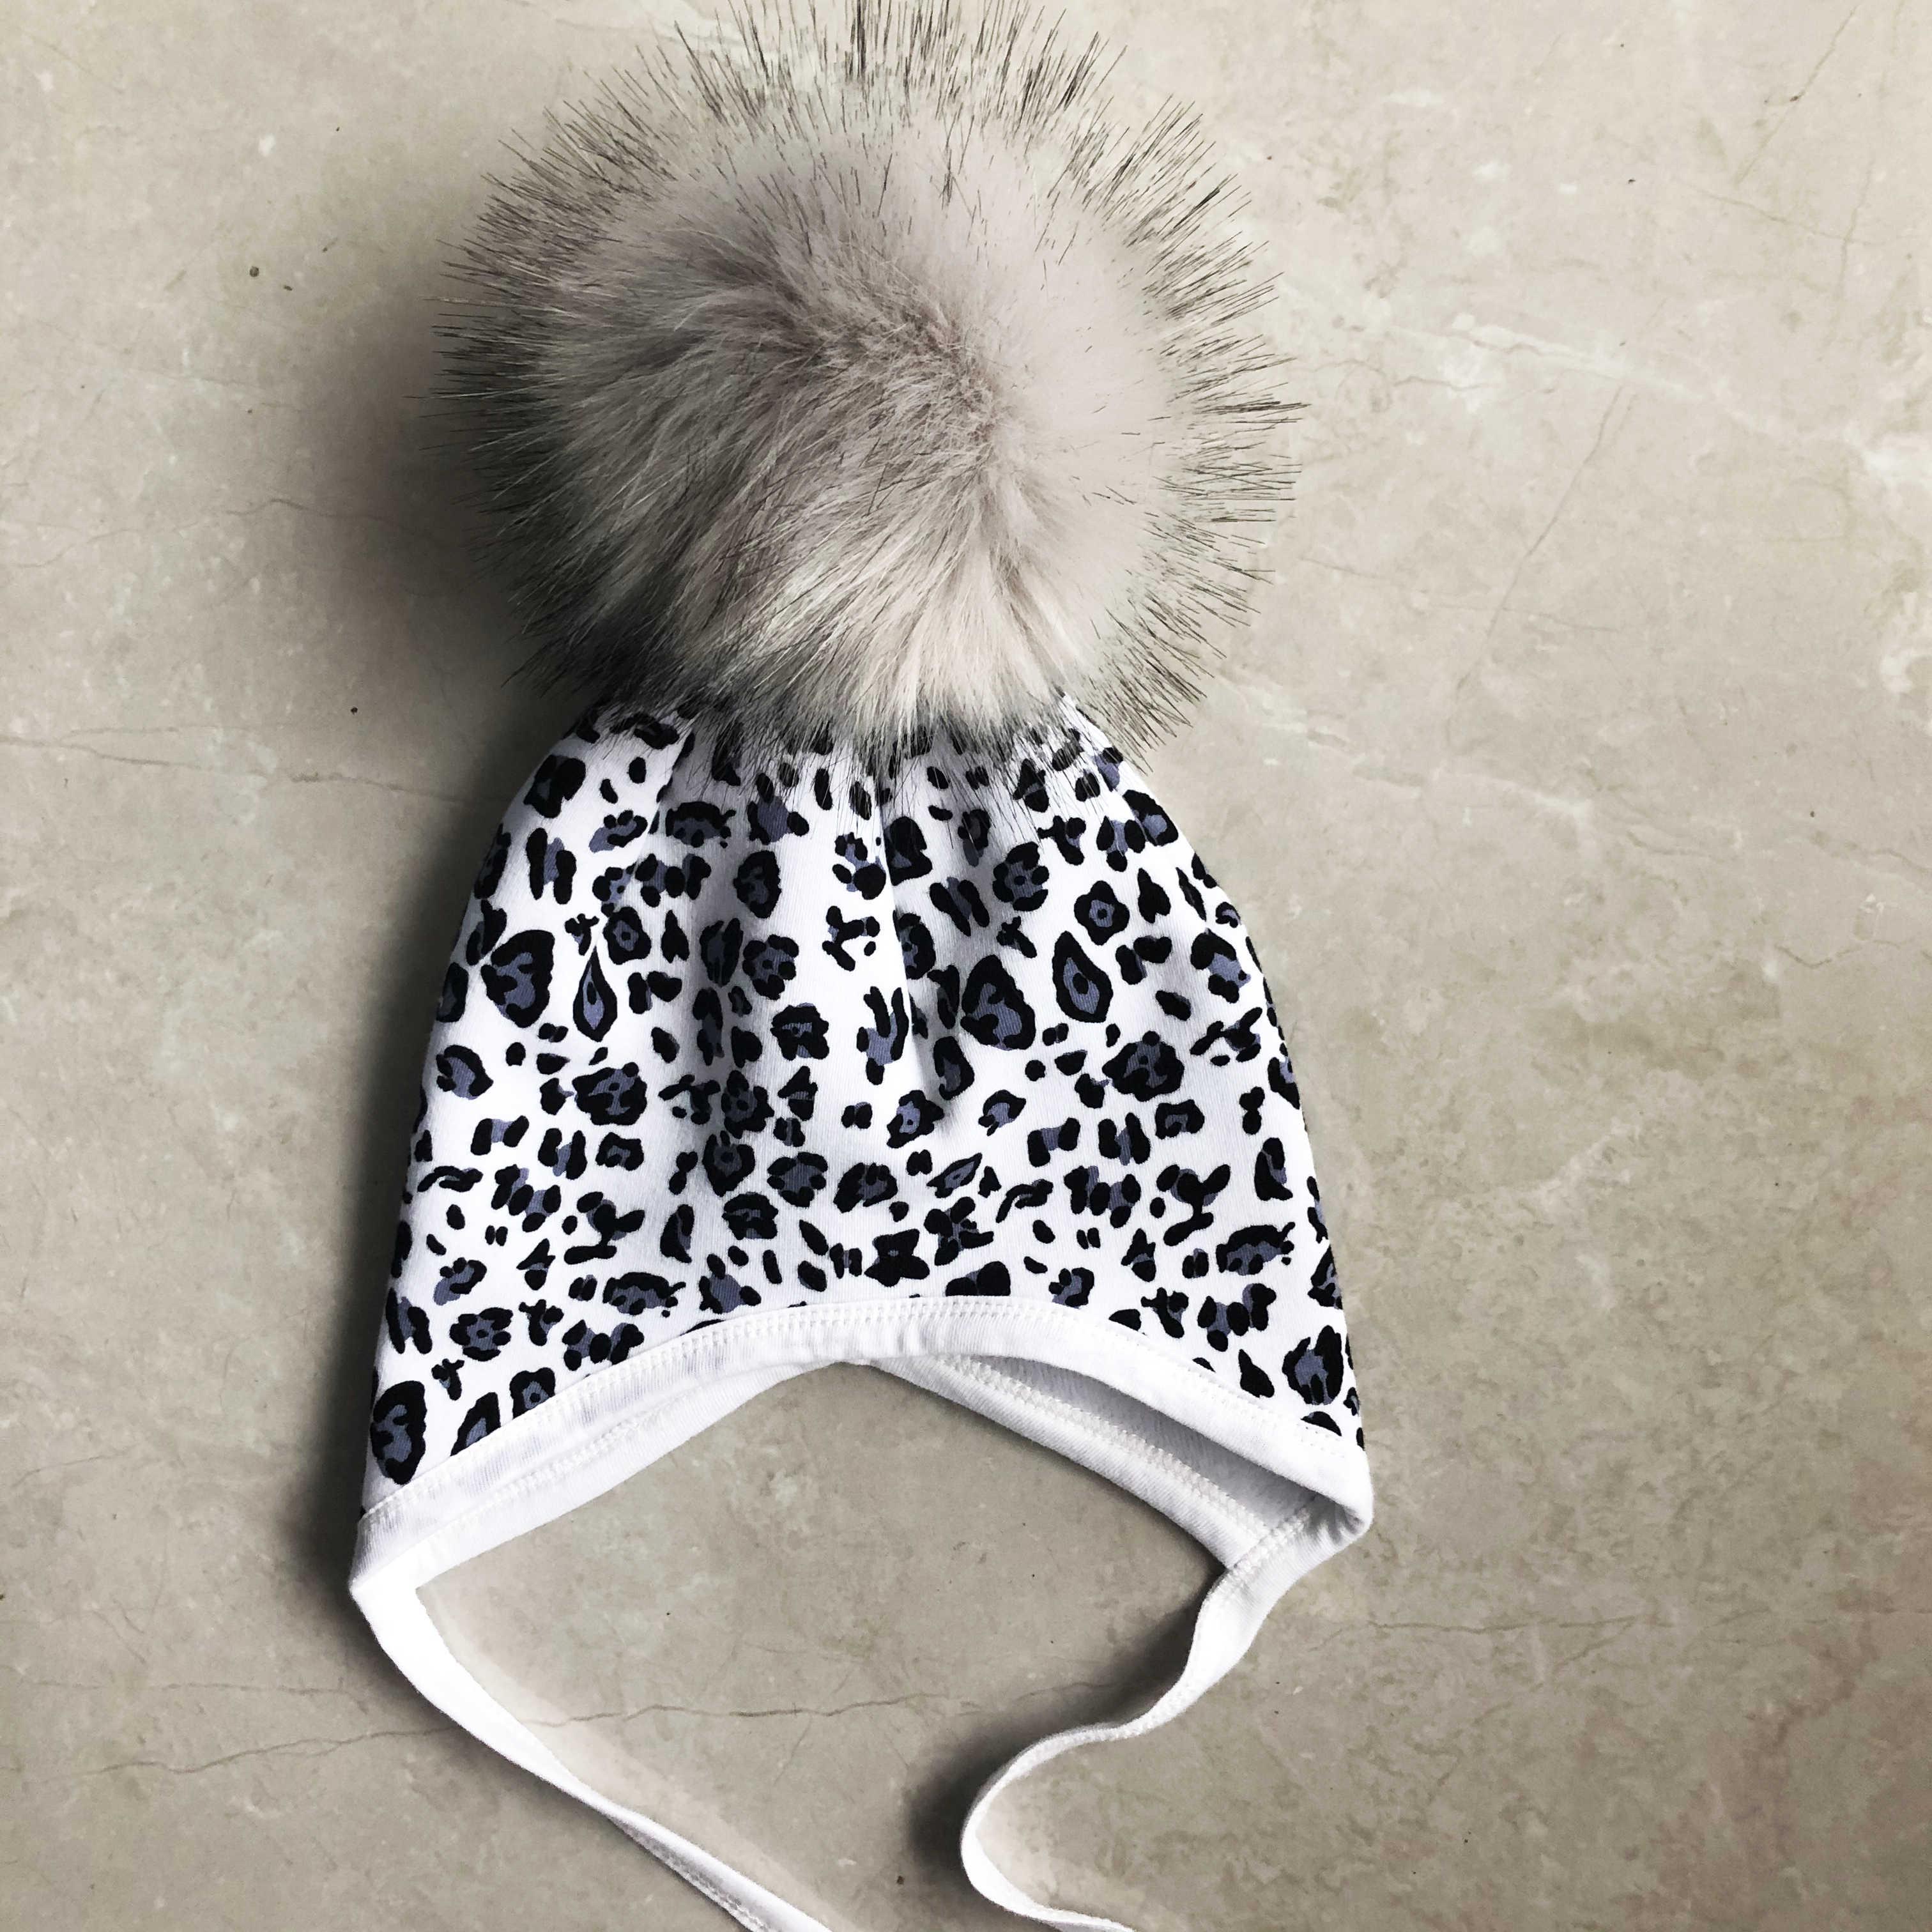 ベビー帽子綿の耳保護キャップ幼児の女の子冬ボーイズハット子供 Pompom 帽子子供のアクセサリー